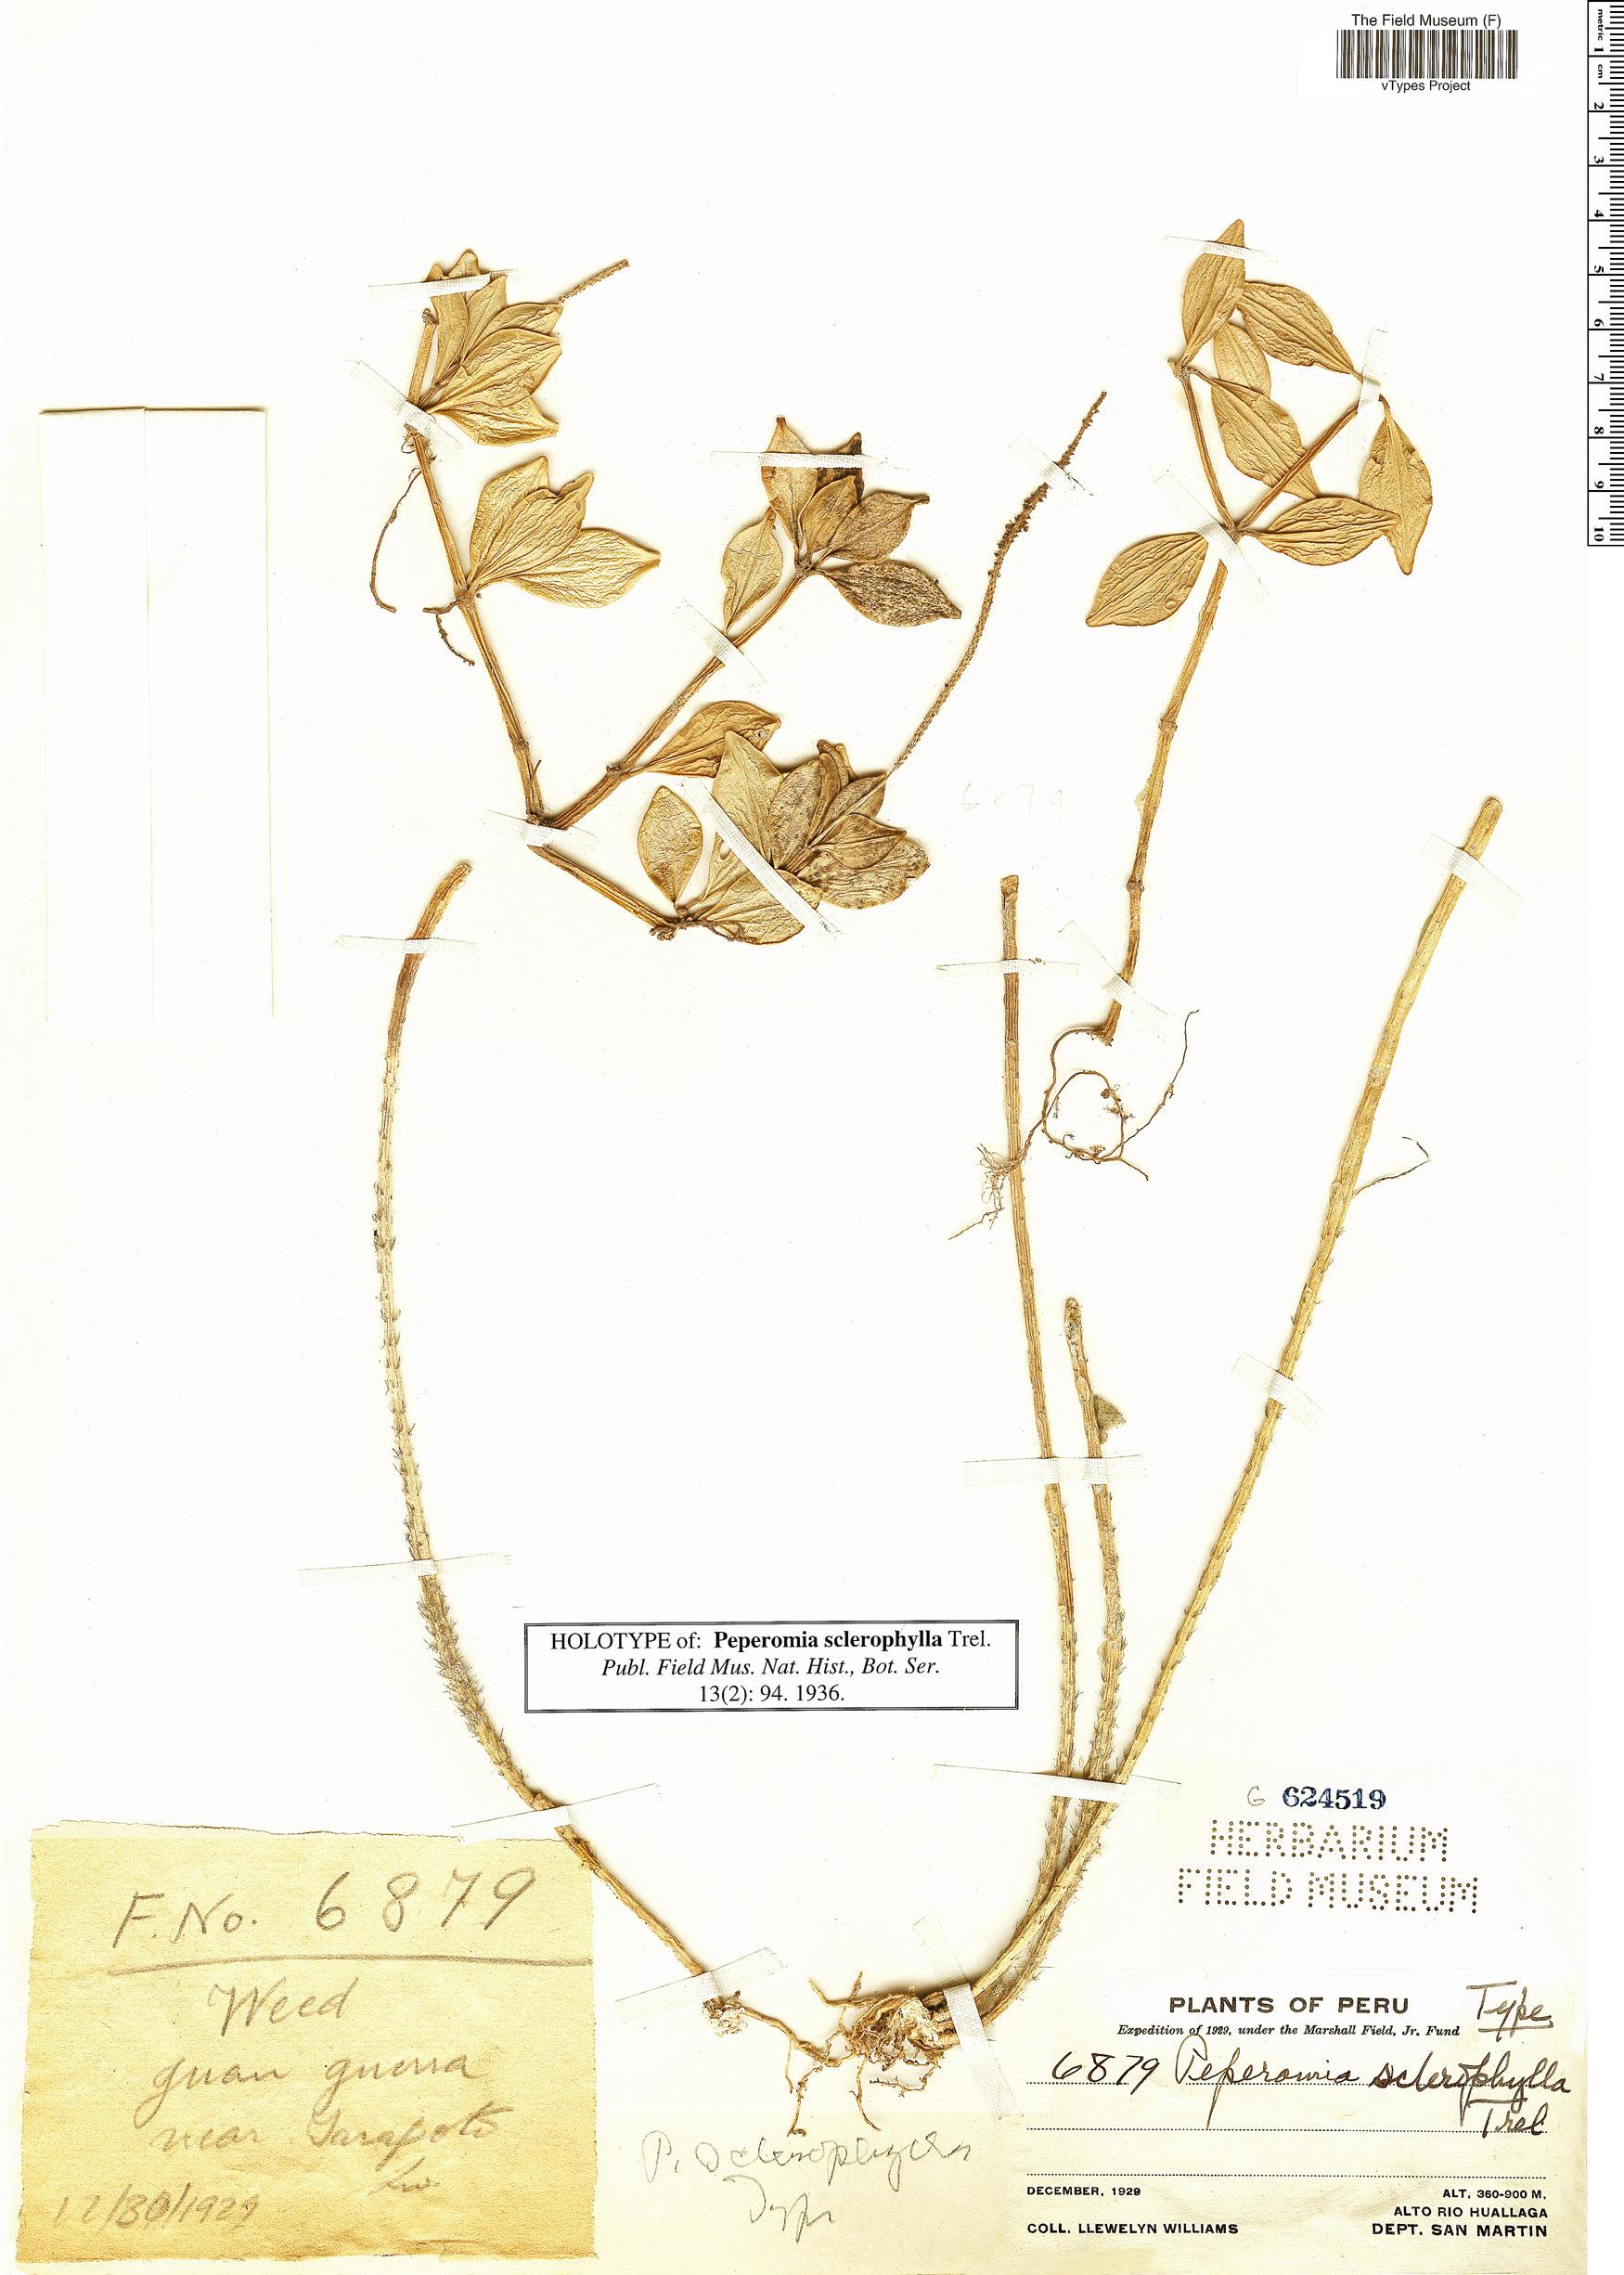 Specimen: Peperomia sclerophylla